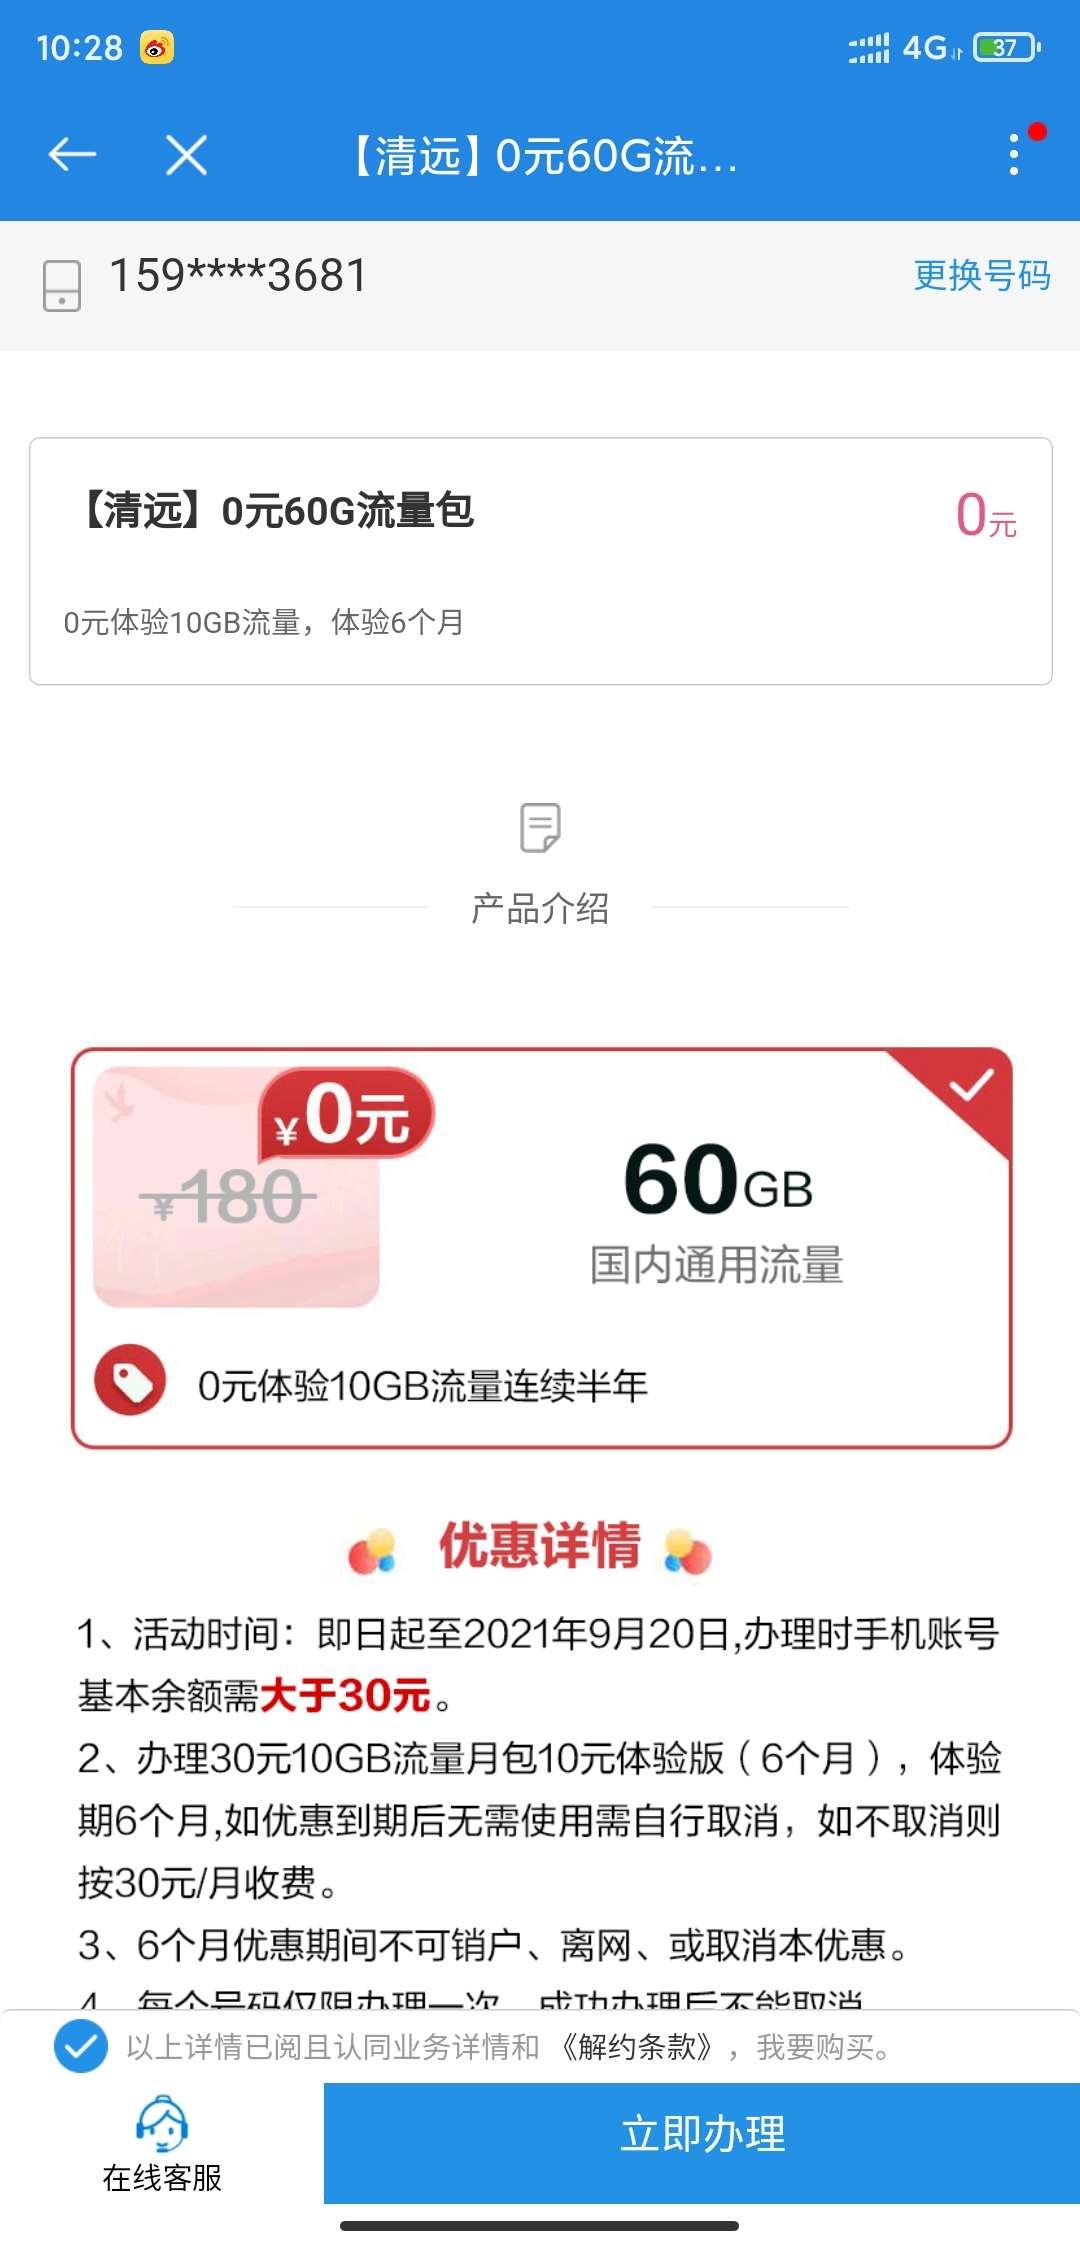 广东移动60G插图1